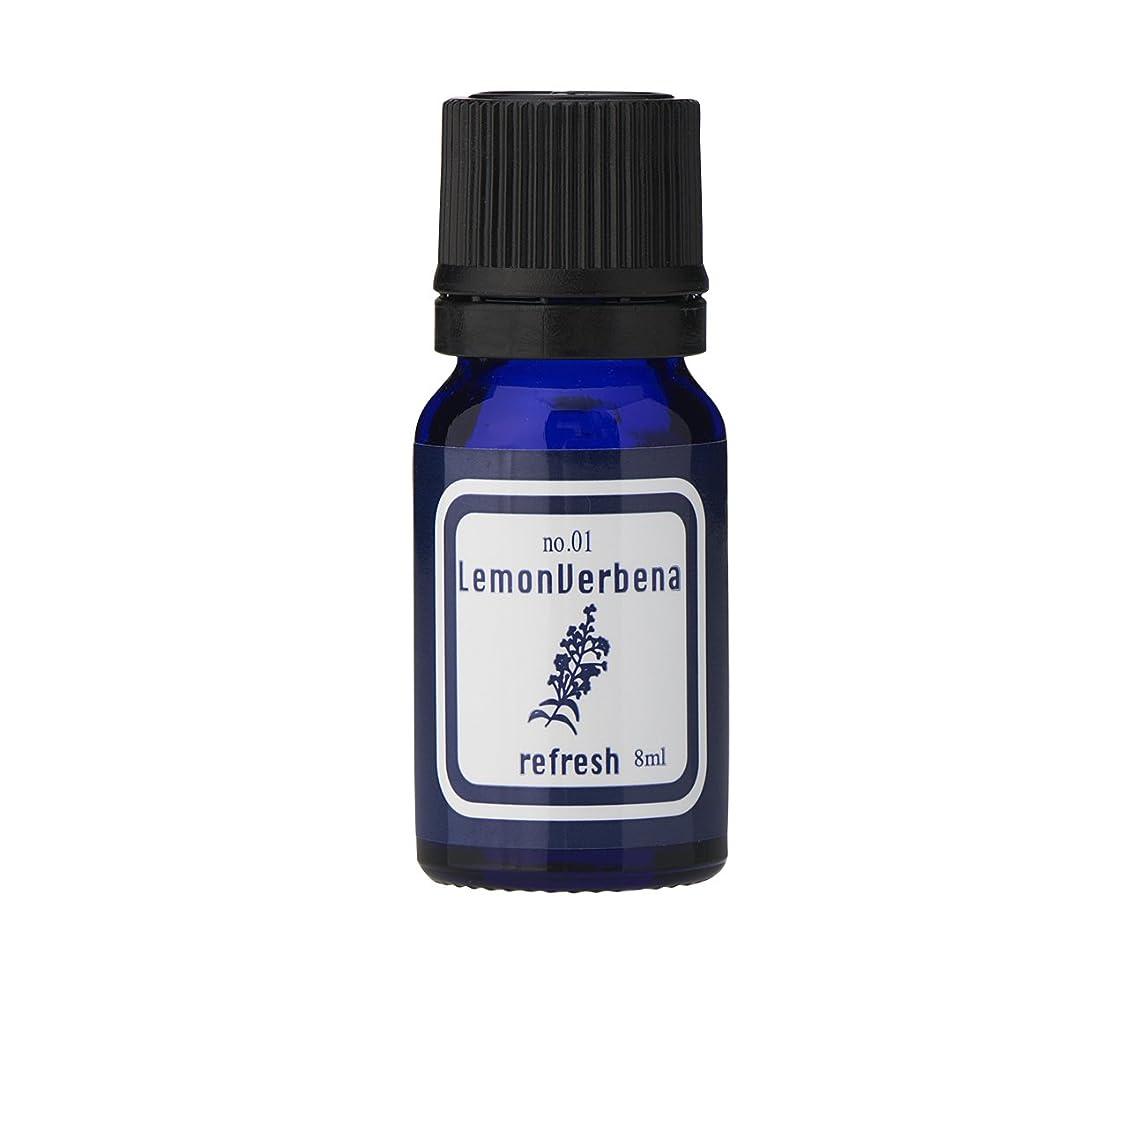 これまで色合い取り組むブルーラベル アロマエッセンス8ml レモンバーベナ(アロマオイル 調合香料 芳香用)